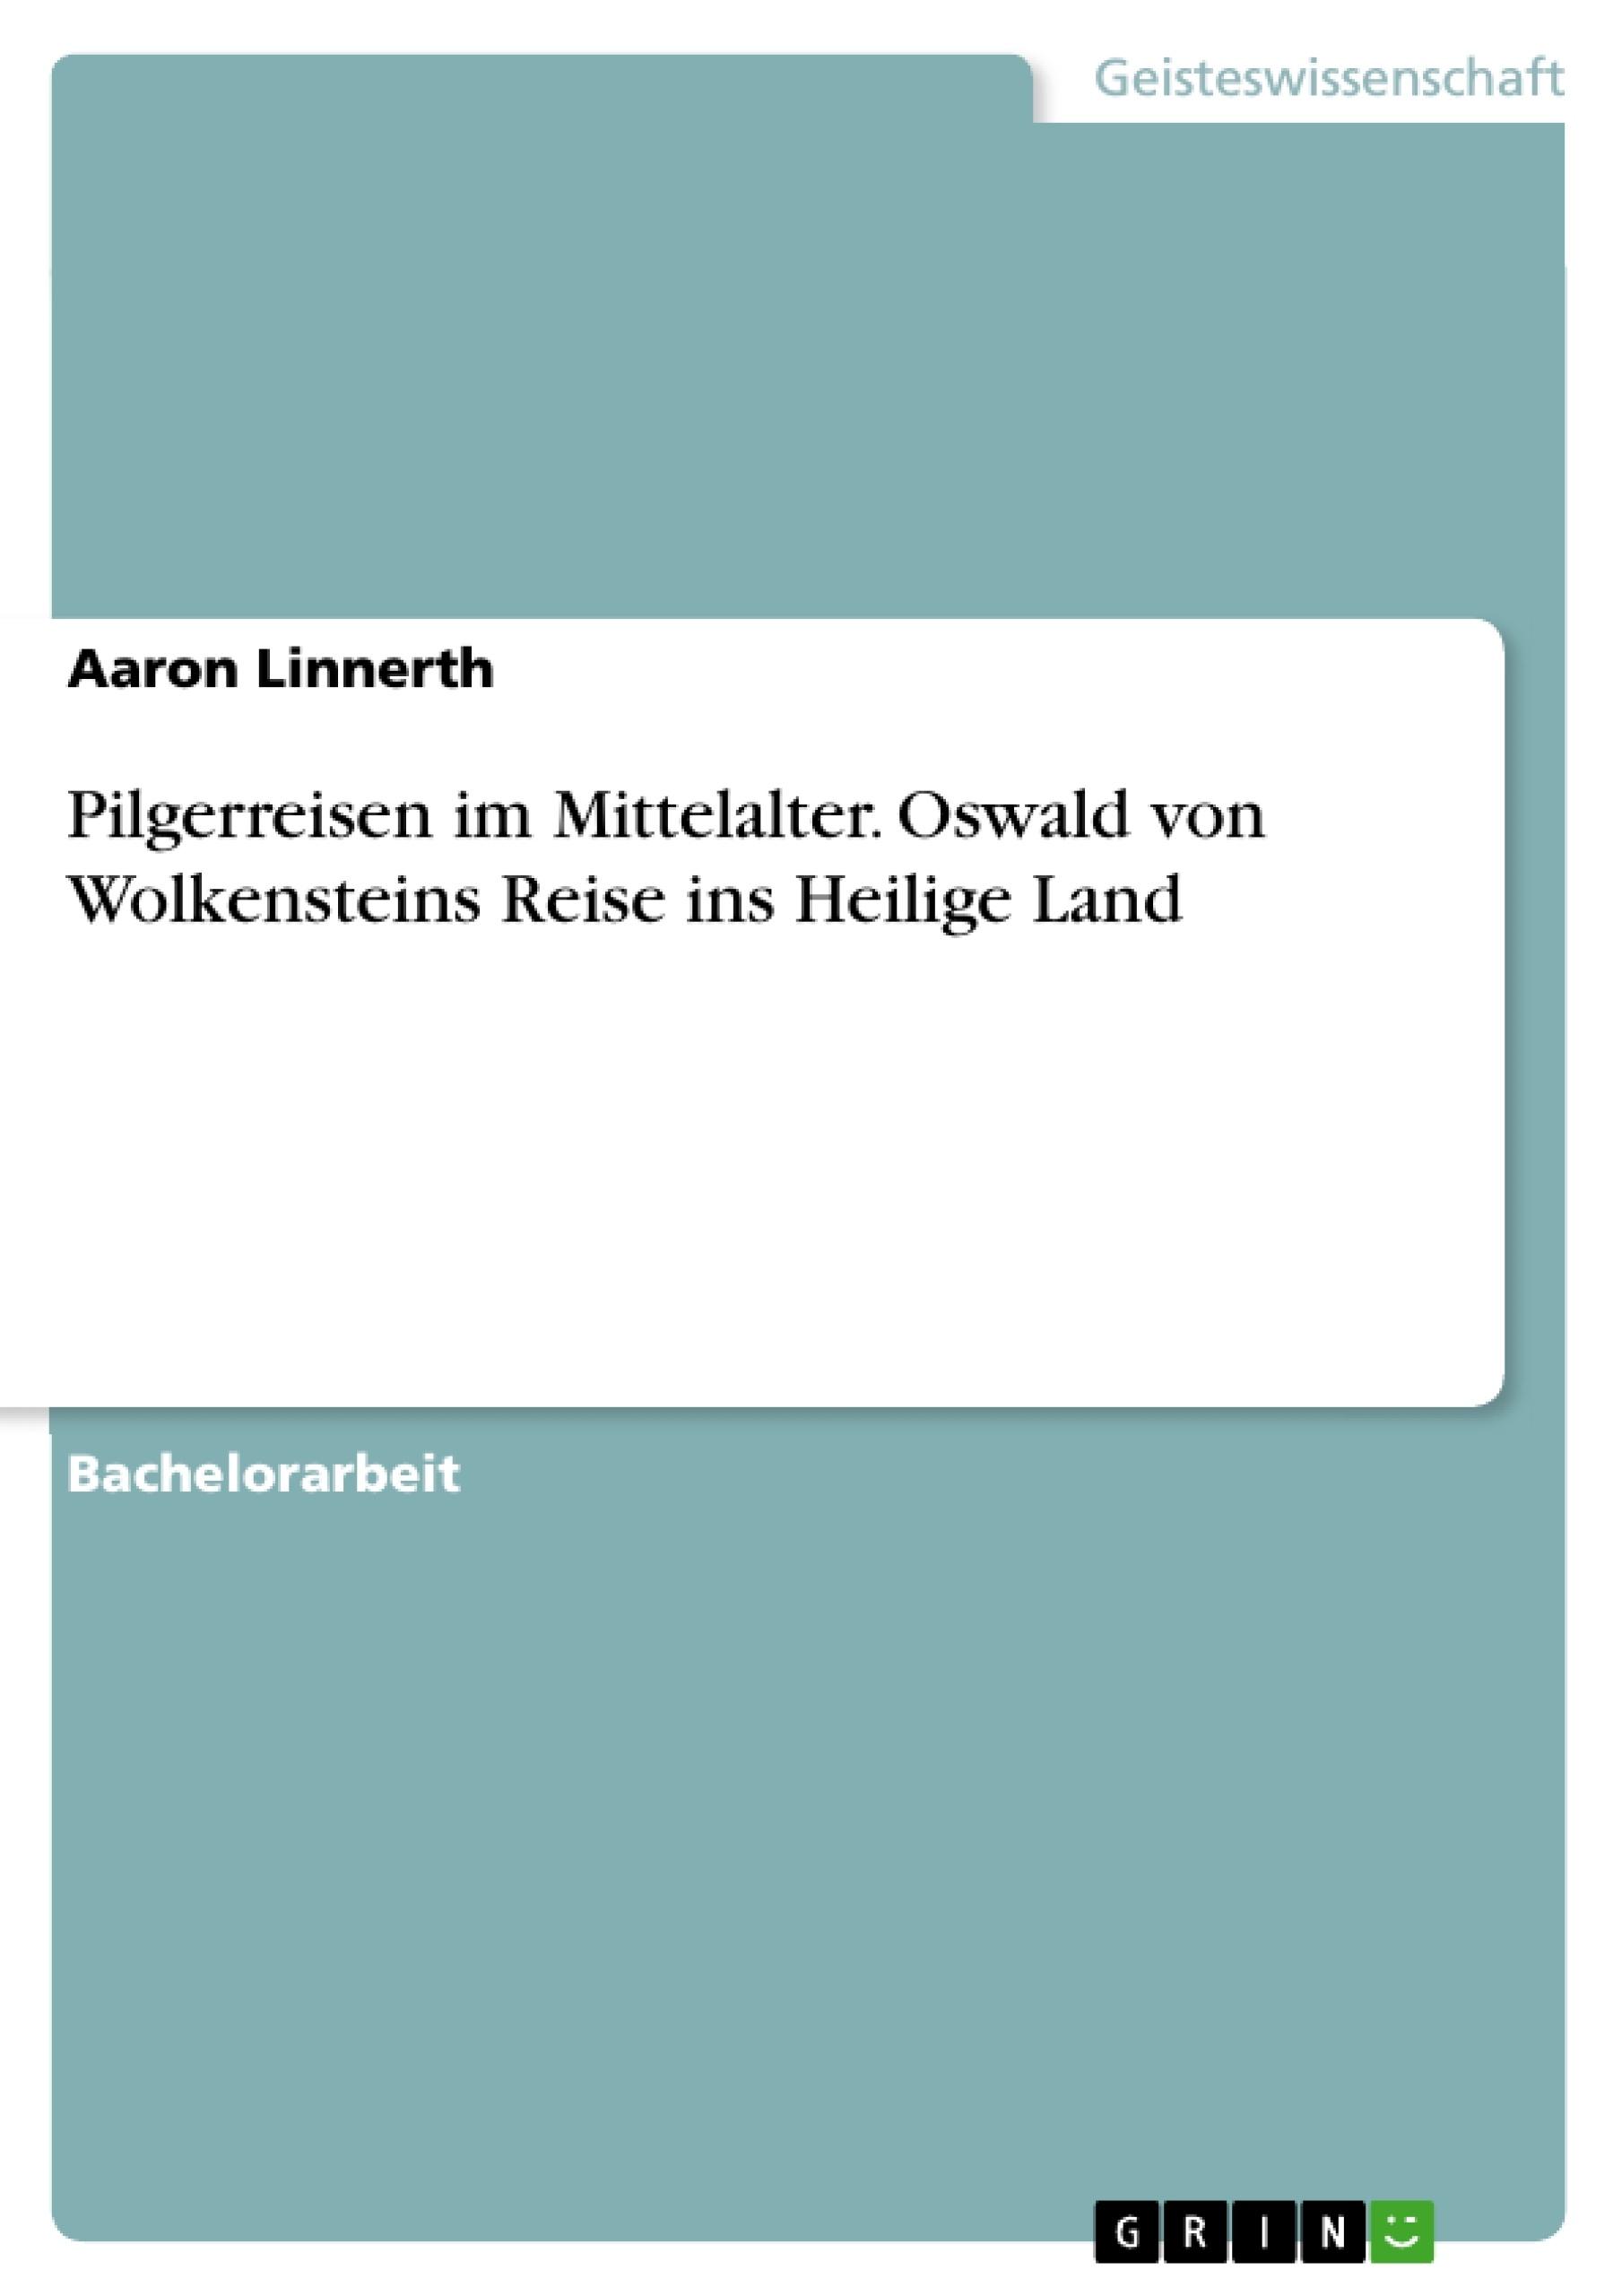 Titel: Pilgerreisen im Mittelalter. Oswald von Wolkensteins Reise ins Heilige Land